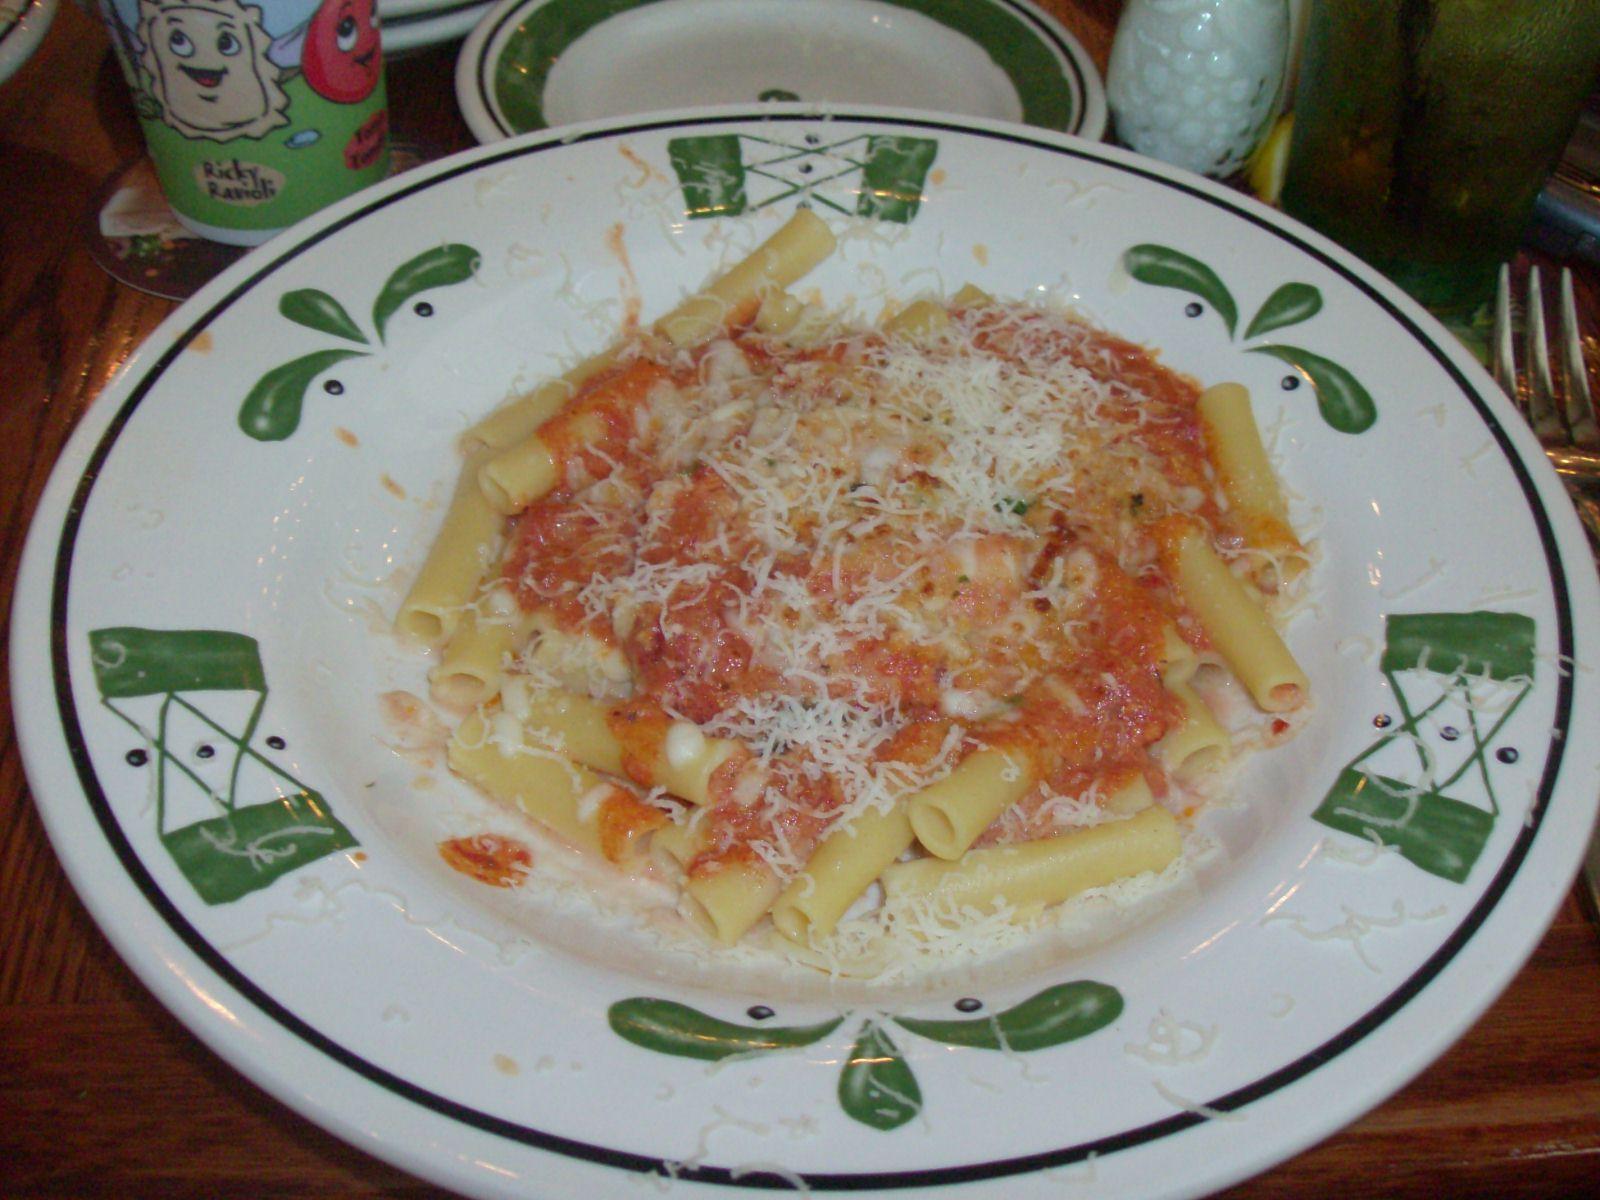 Olive Garden's Five Cheese Ziti al Forno recipe. 5 stars